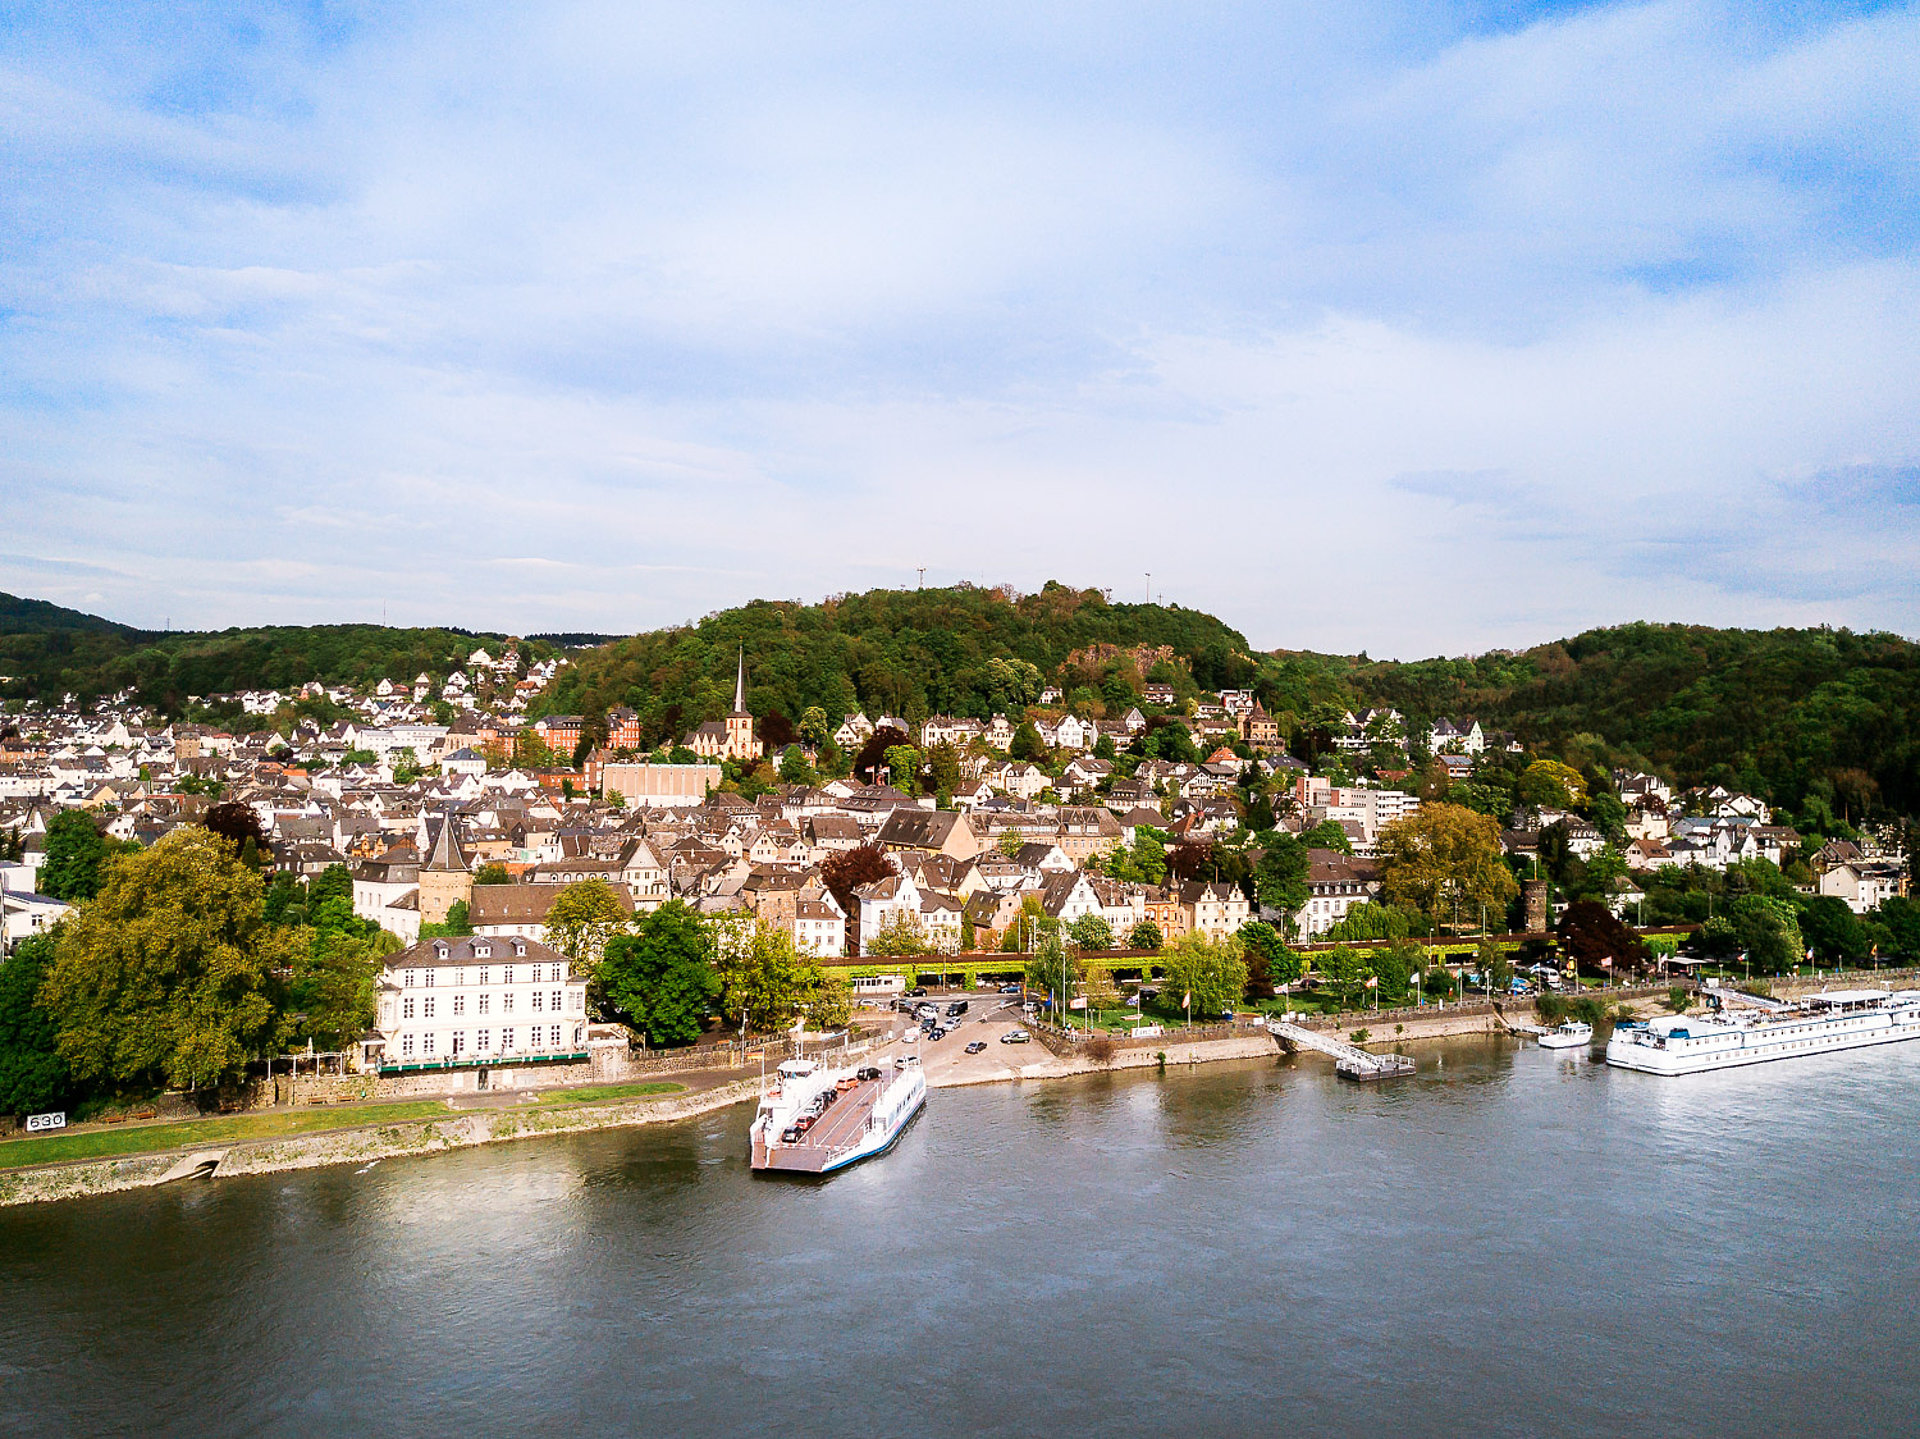 Mülldeponie Linz Am Rhein